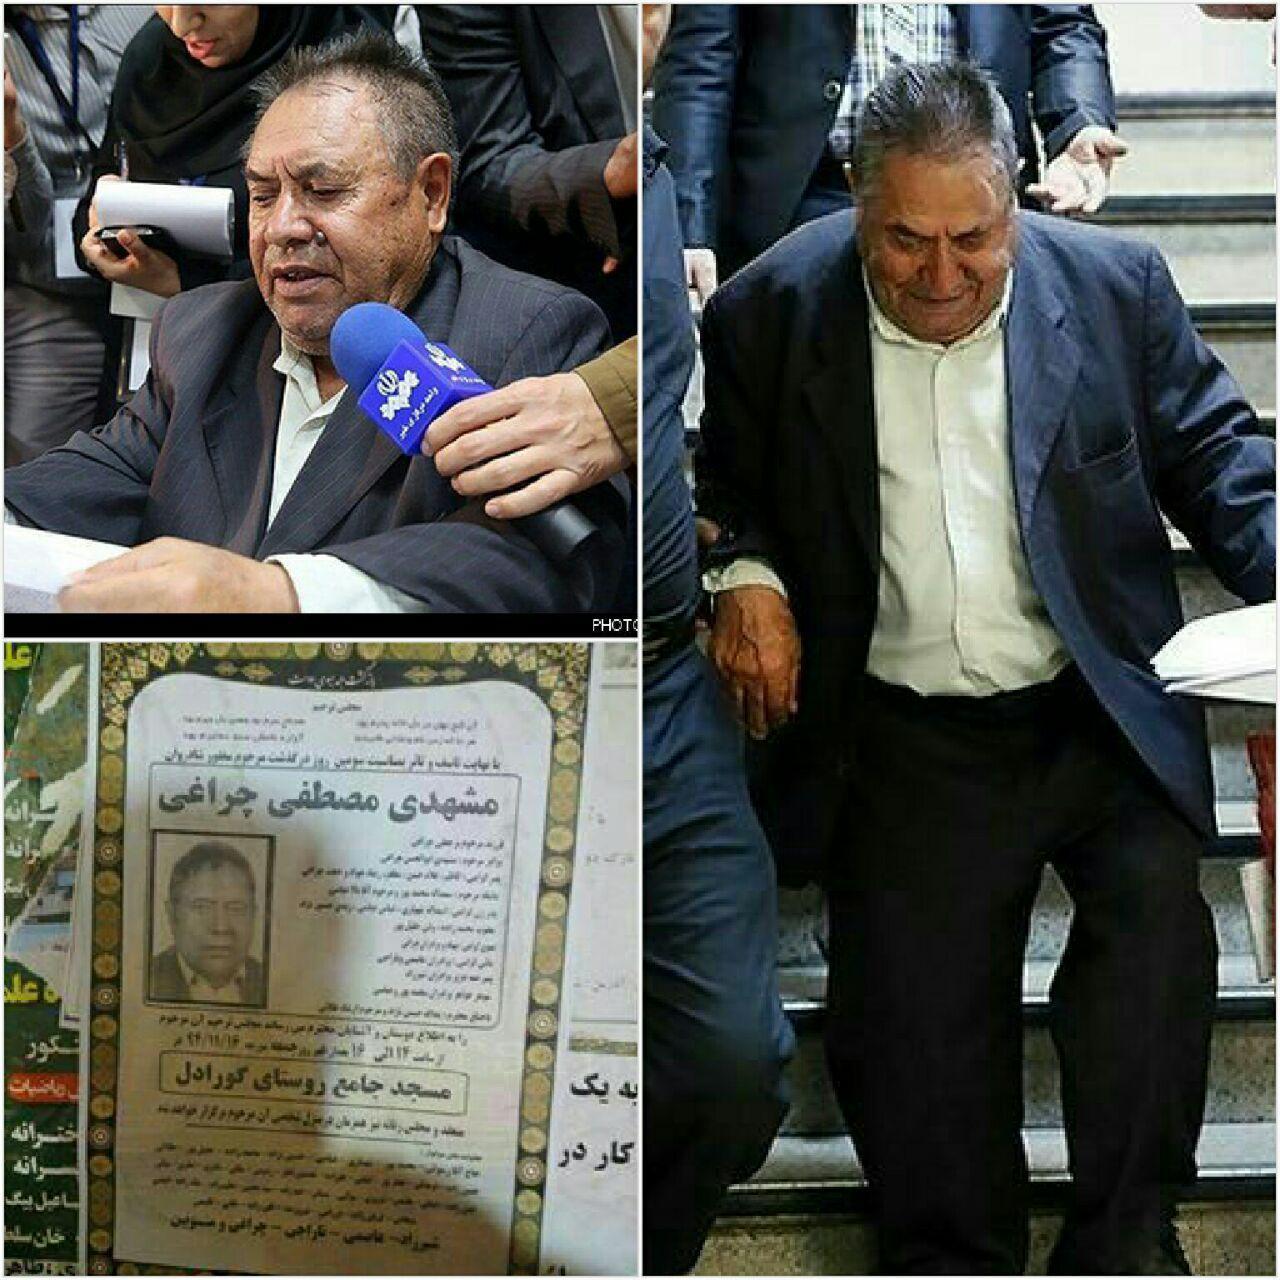 داوطلب مشهور ریاستجمهوری ایران درگذشت